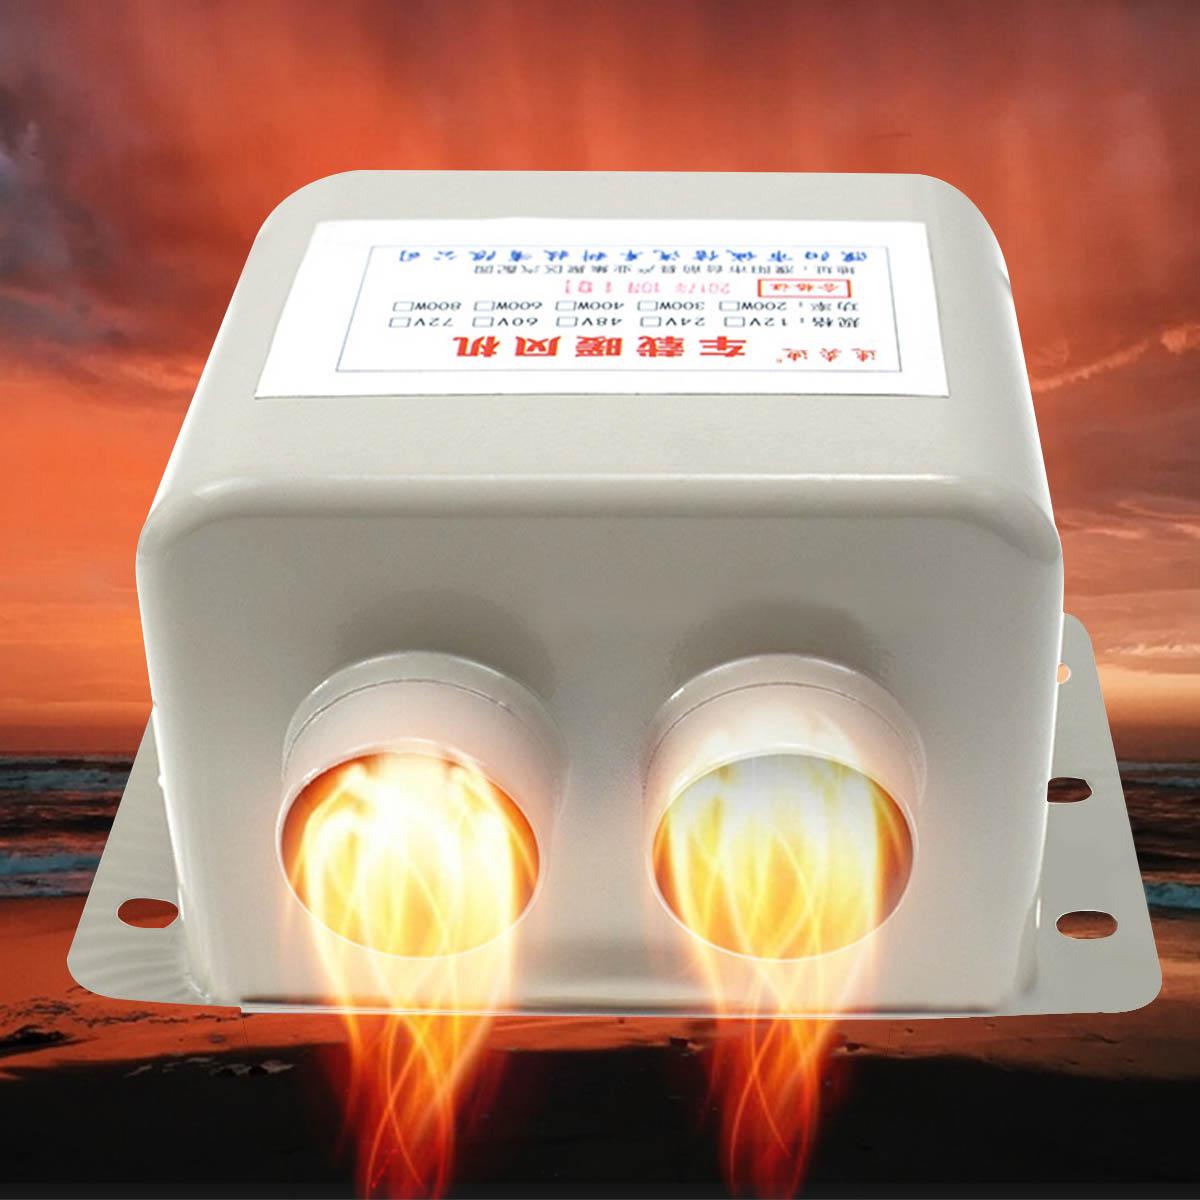 Вт 12 В Авто Нагреватель Вентилятор 800 Вт Портативный Электрический Нагреватель с Автоматическая Обогреватель Сиденья с Подогревом Обог